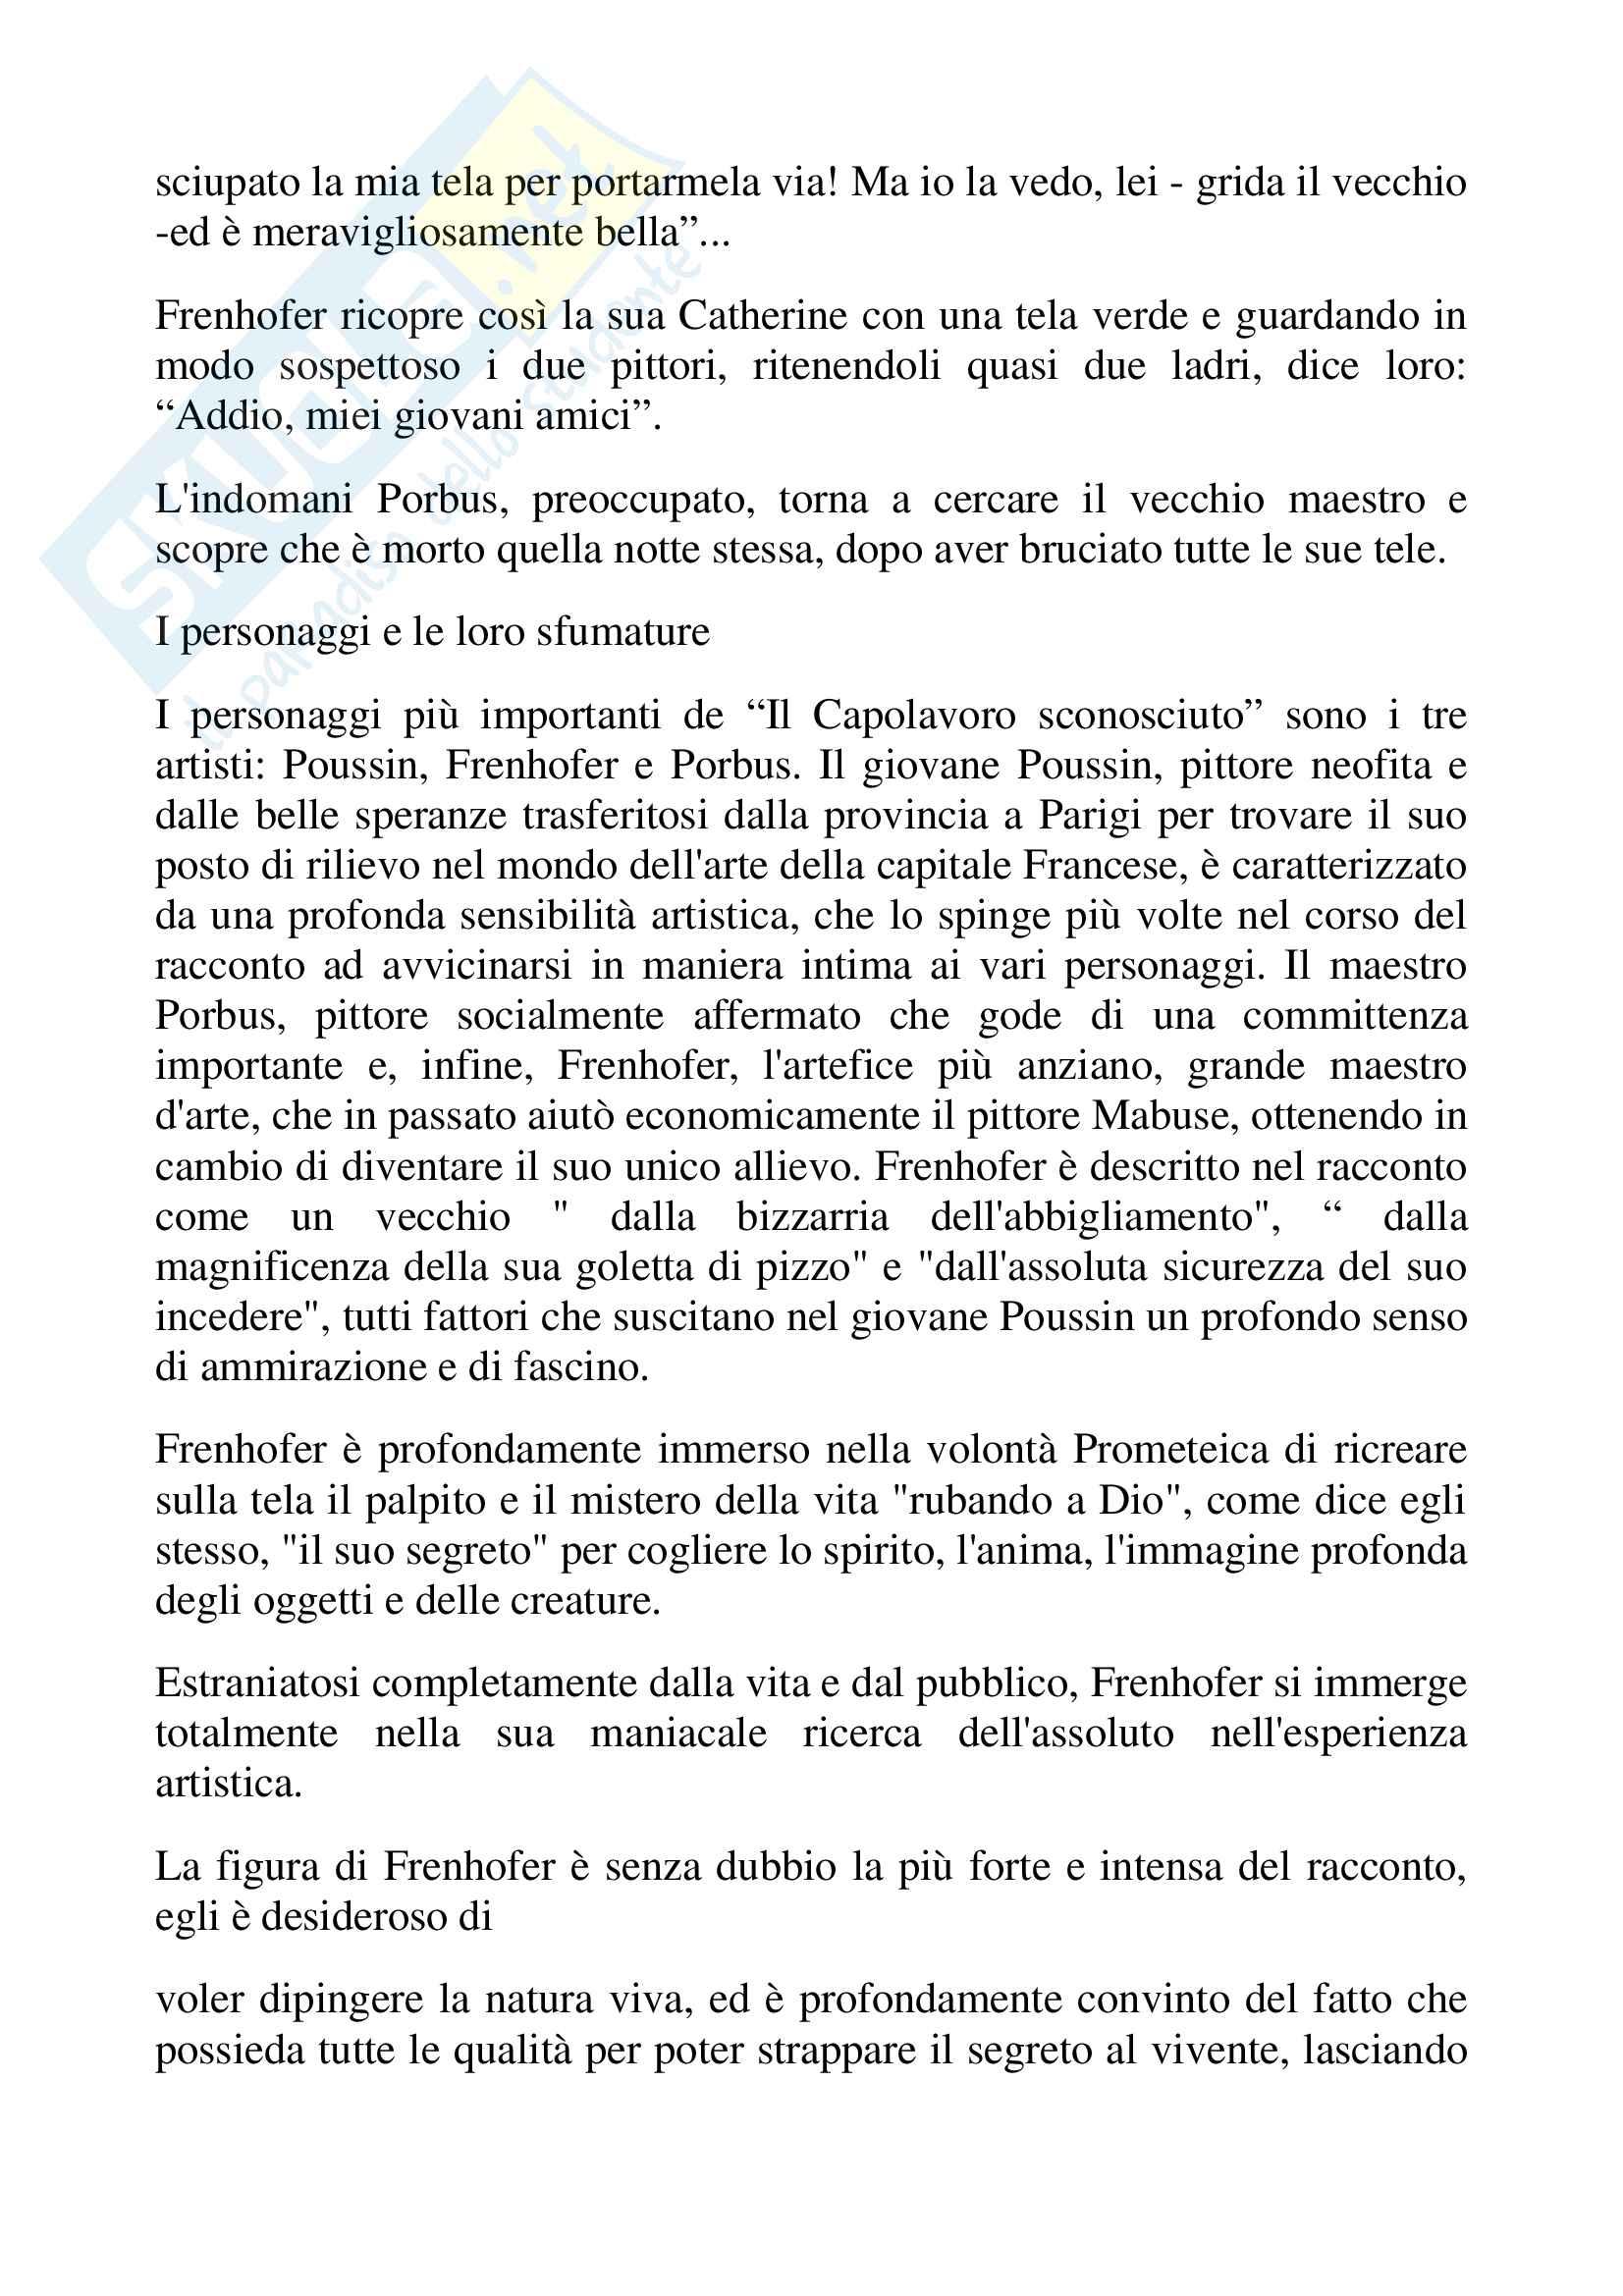 Il capolavoro sconosciuto. Honorè de Balzac Pag. 6